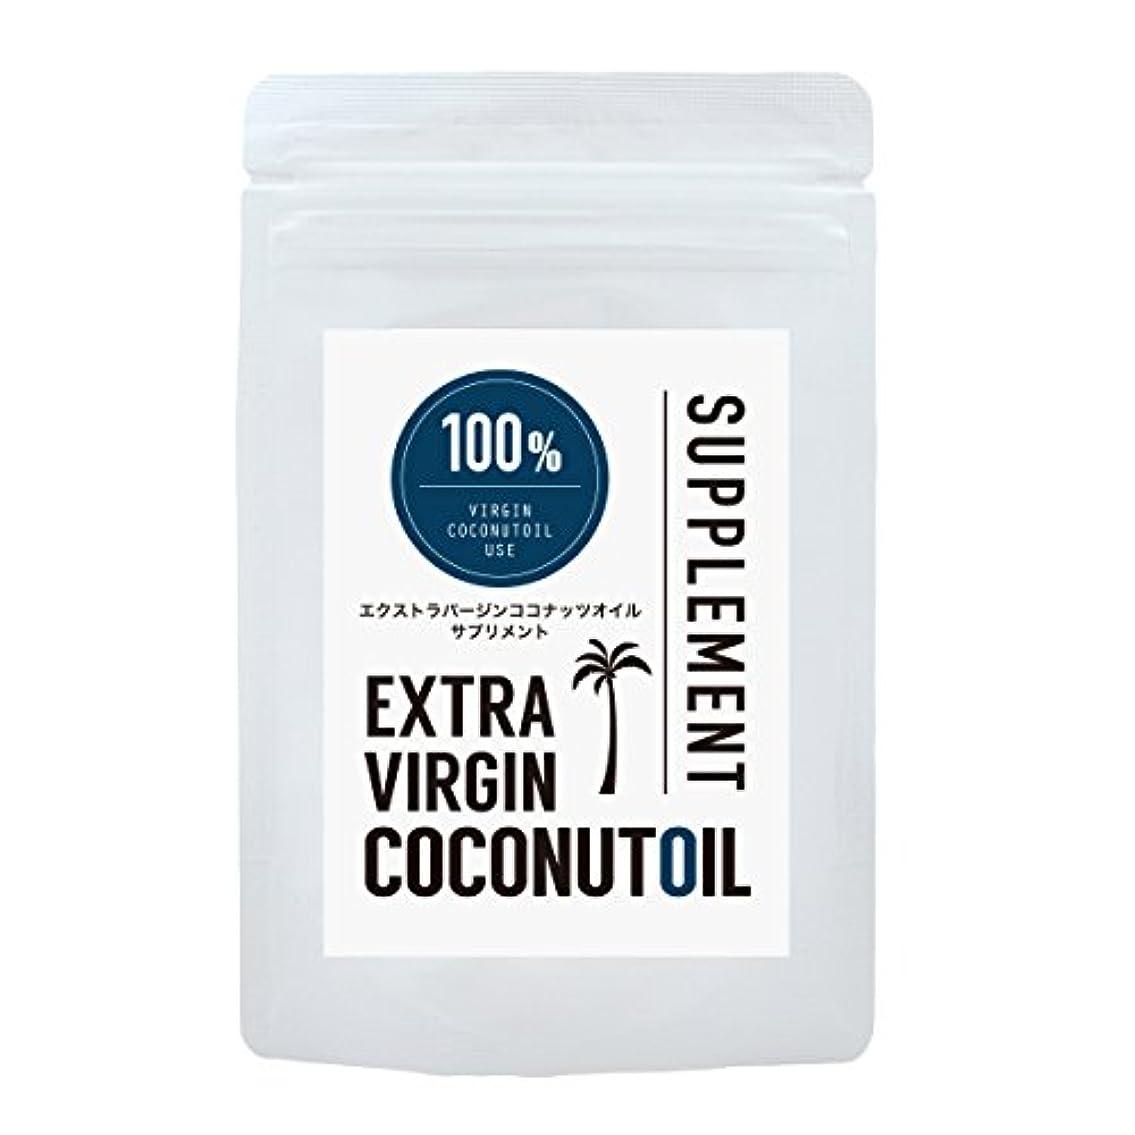 つづりロードハウス腸エクストラヴァージン ココナッツオイル サプリメント 90粒入り 無臭 カプセルタイプ